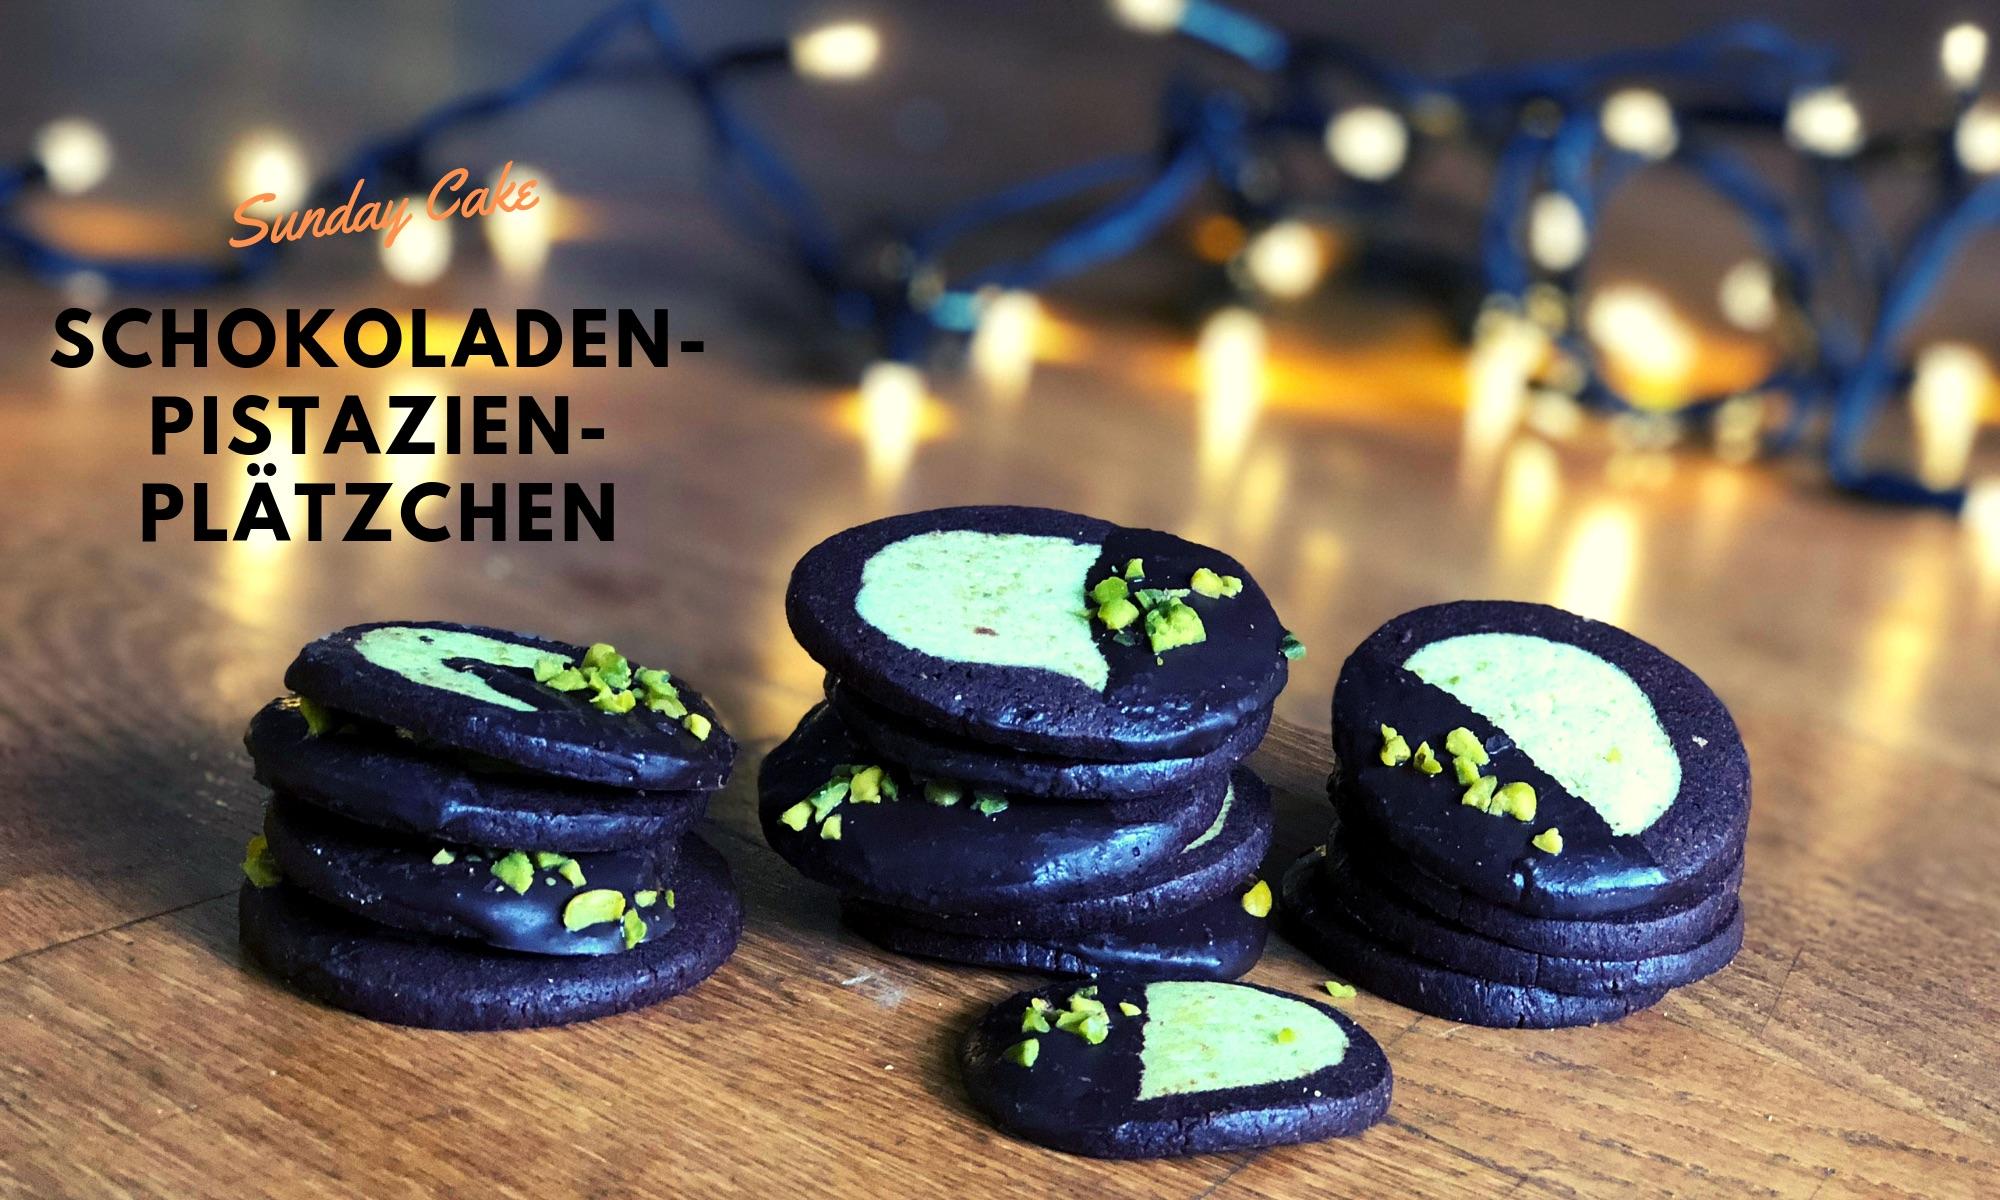 Schokoladen-Pistazien-Plätzchen